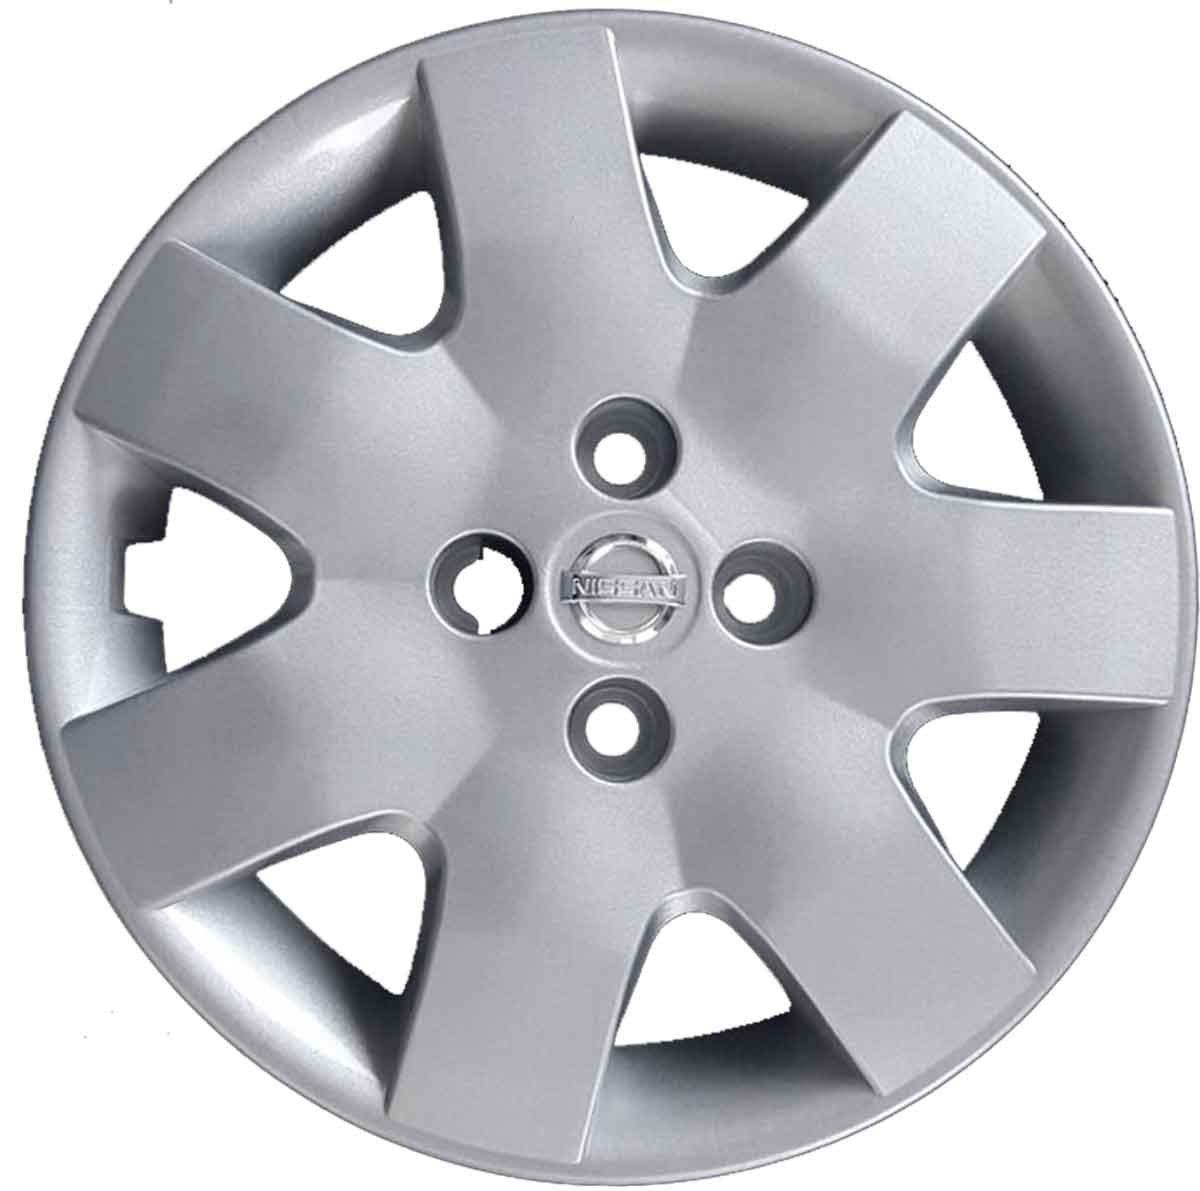 1 tapacubos de neumático R15, no original, individual - 8943: Amazon.es: Coche y moto